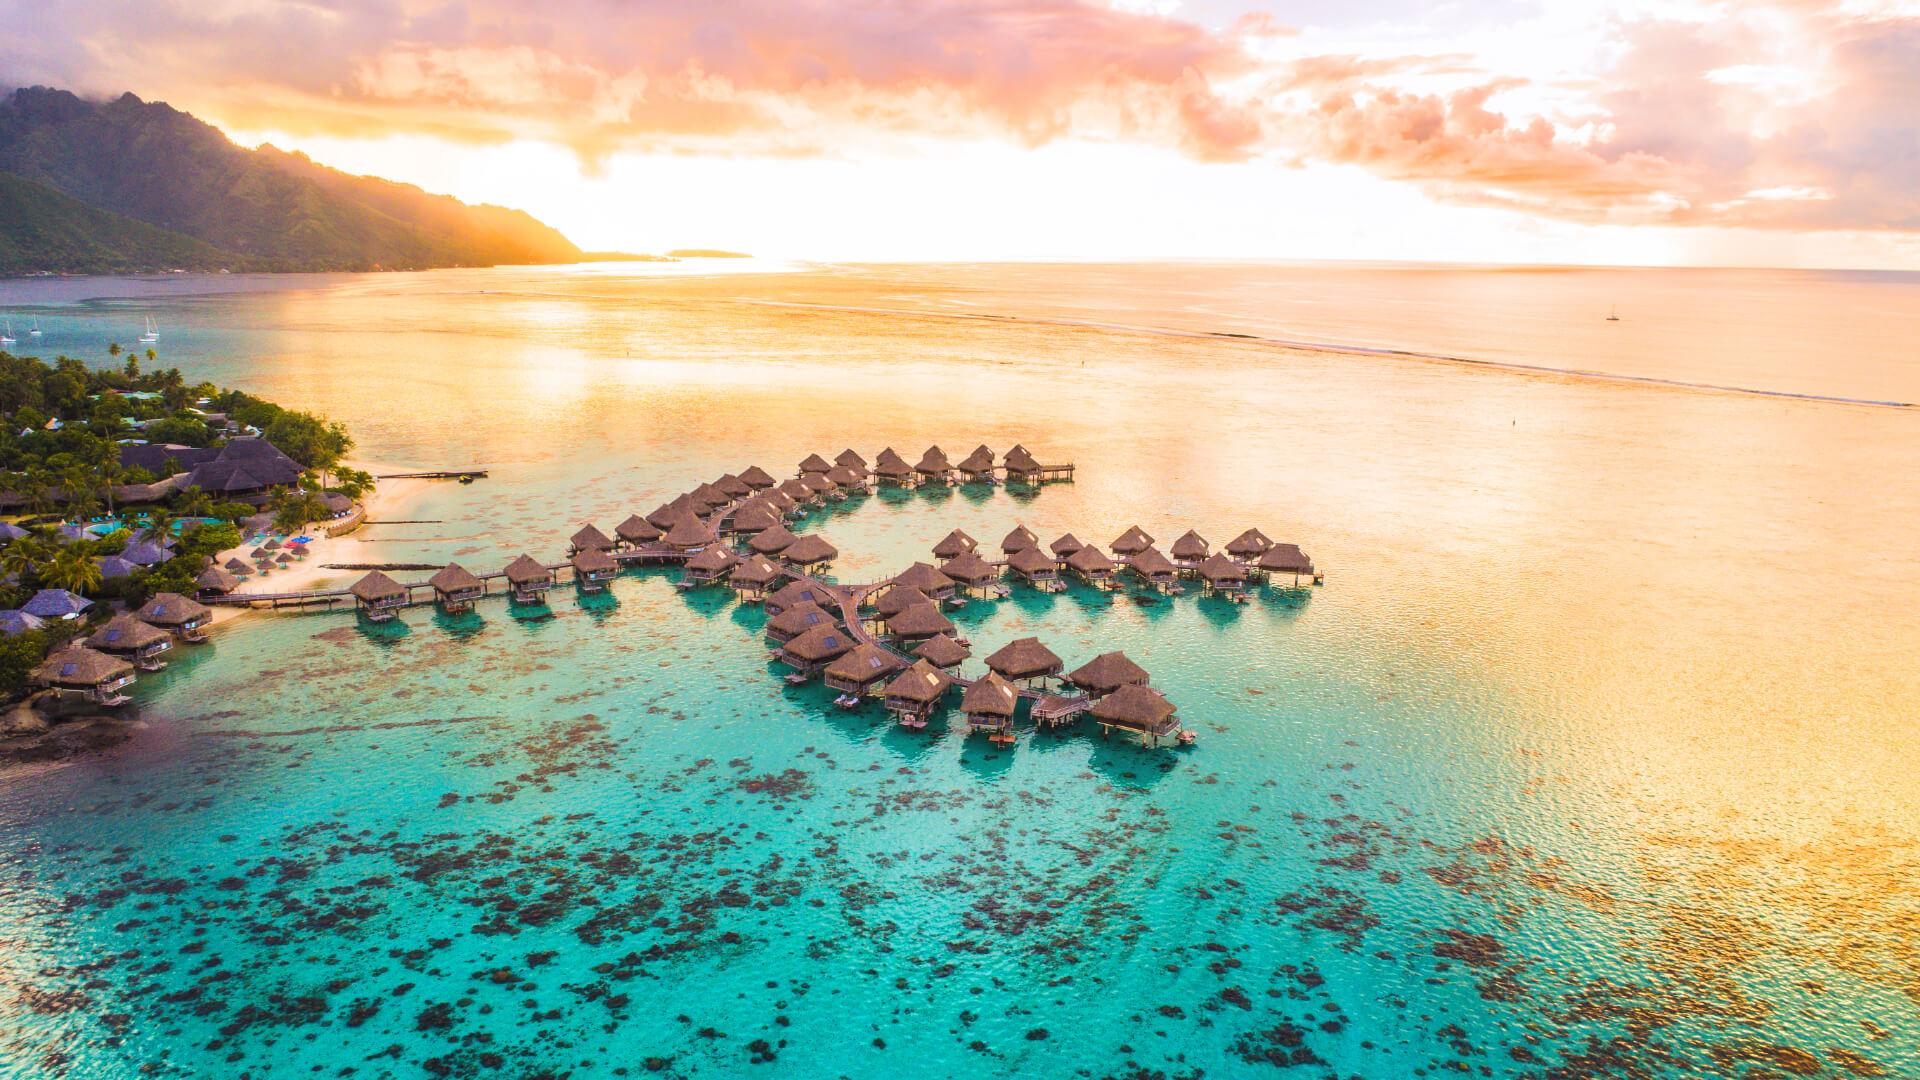 Okyanusta Üç Cennet: Fransız Polinezyası'nı Bir de Böyle Tanıyın